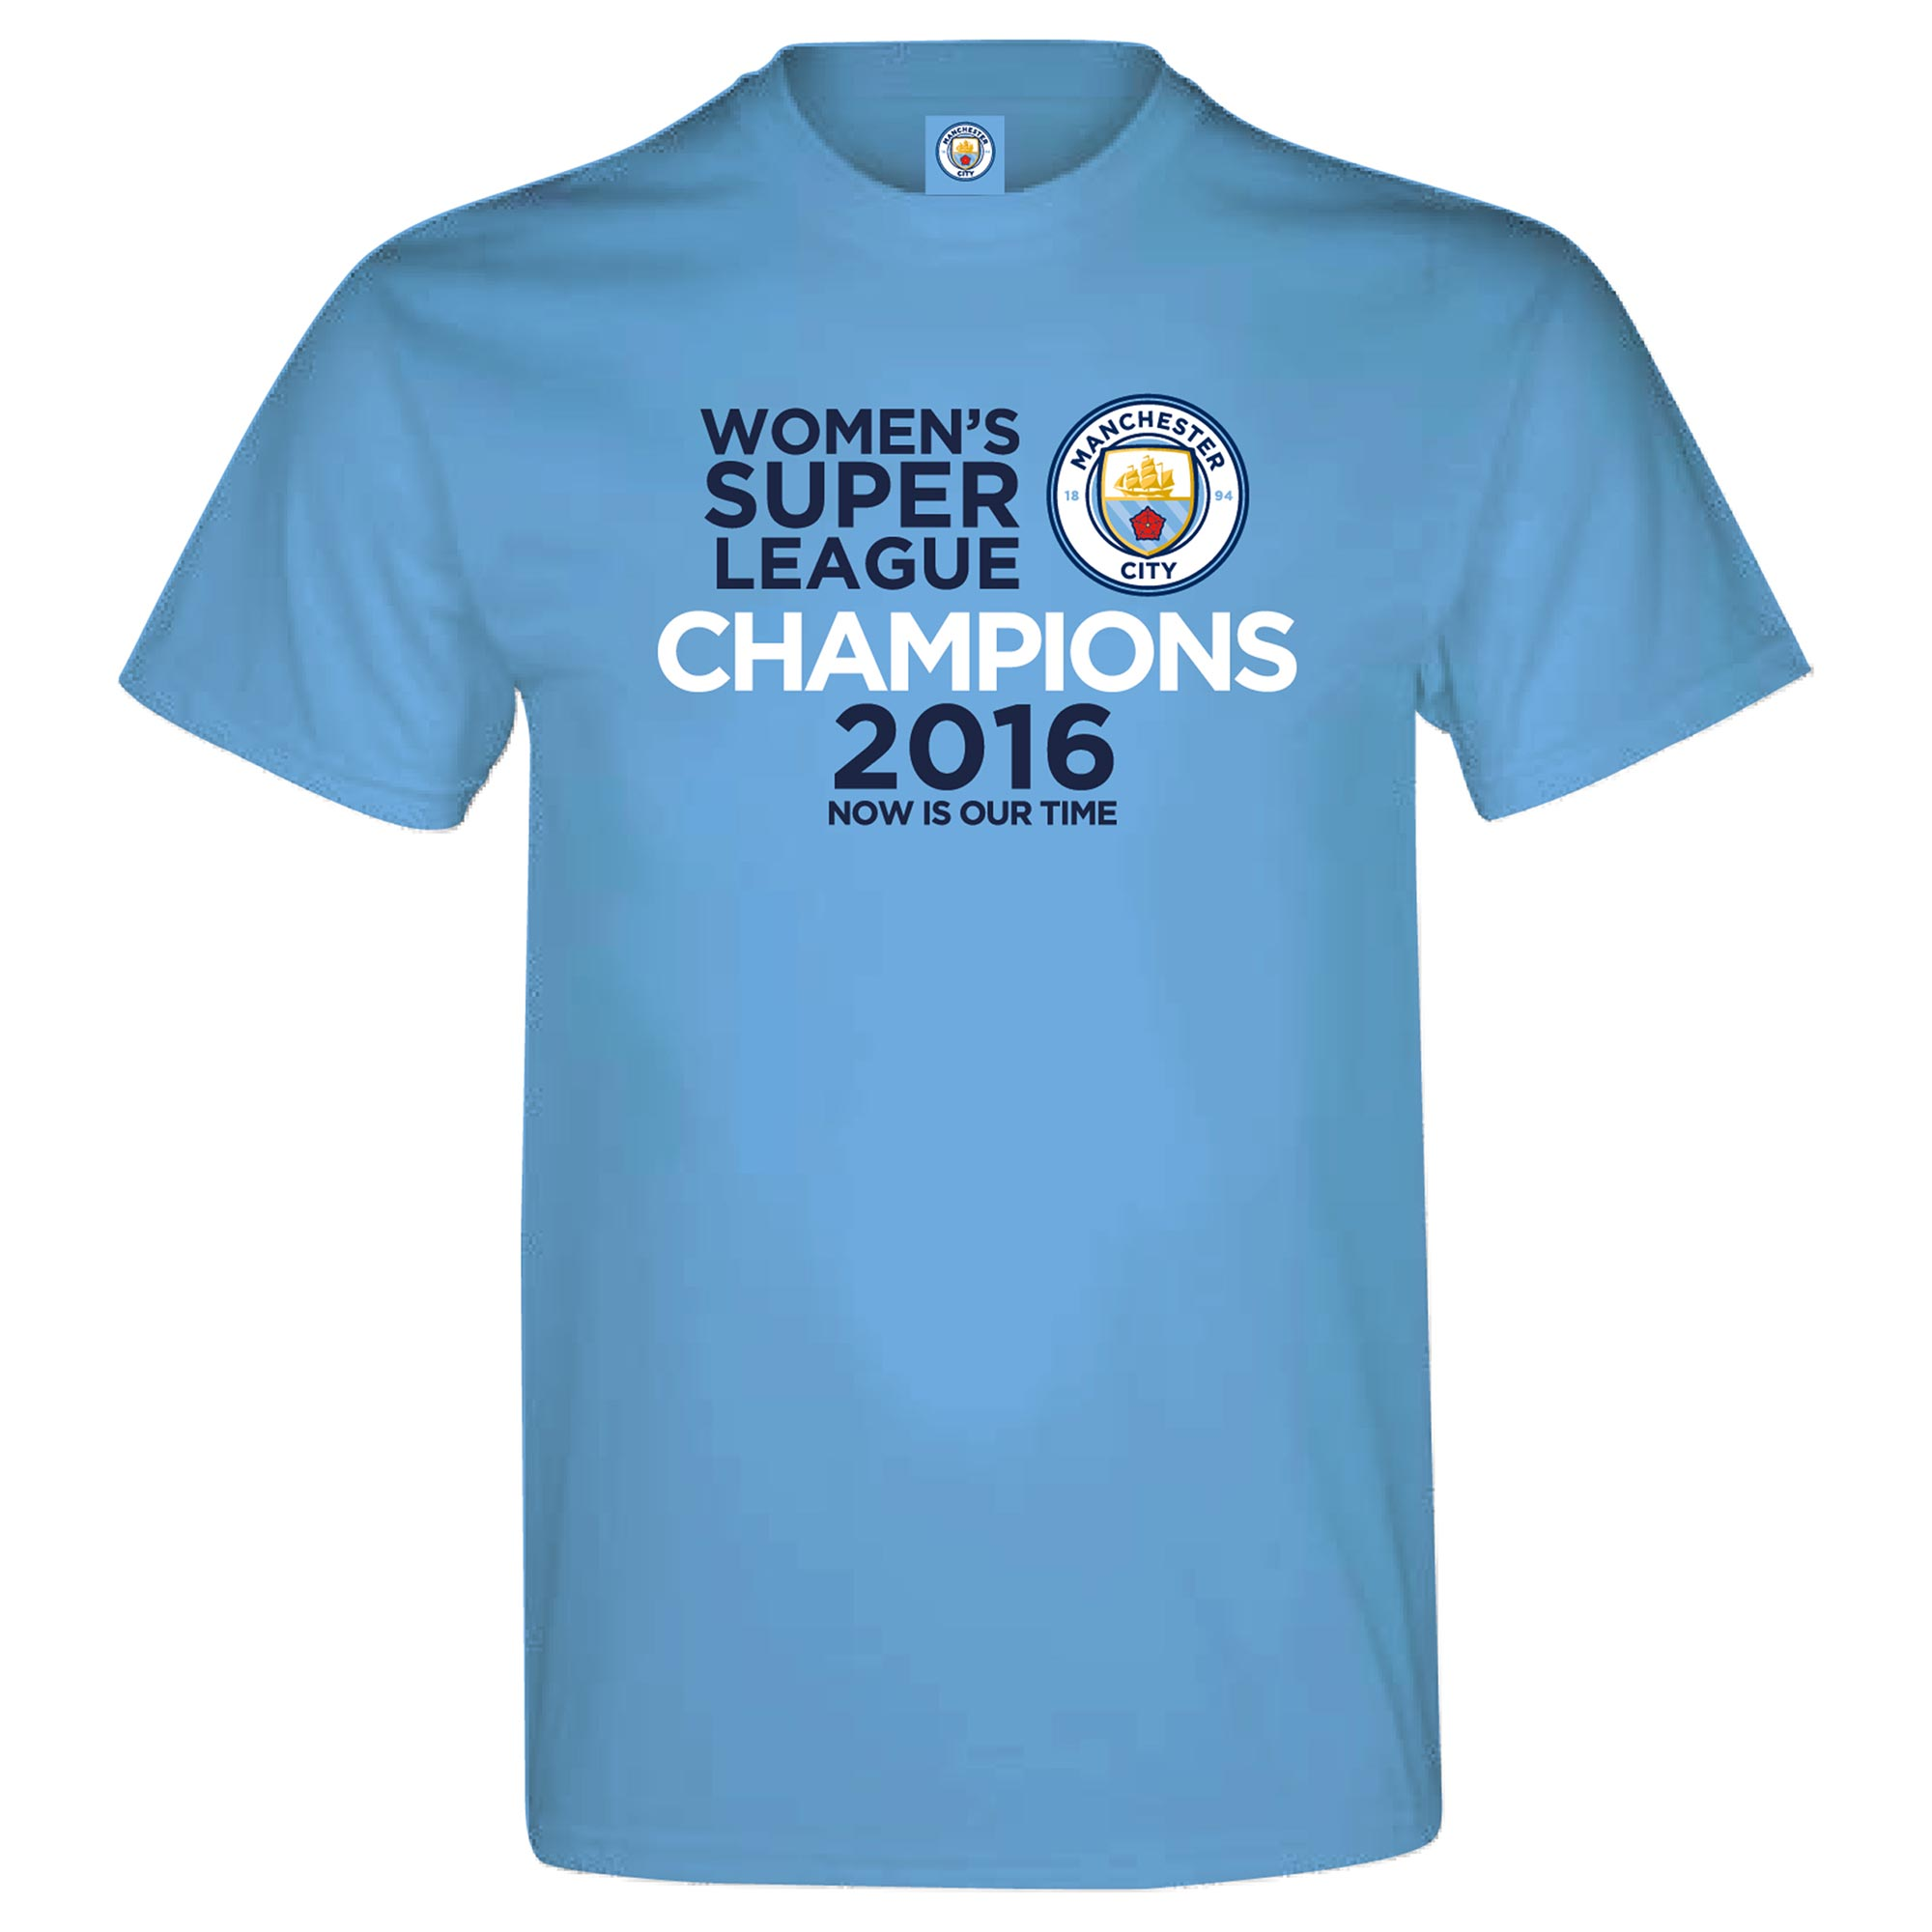 Manchester City FAWSL Champions T-Shirt - Junior